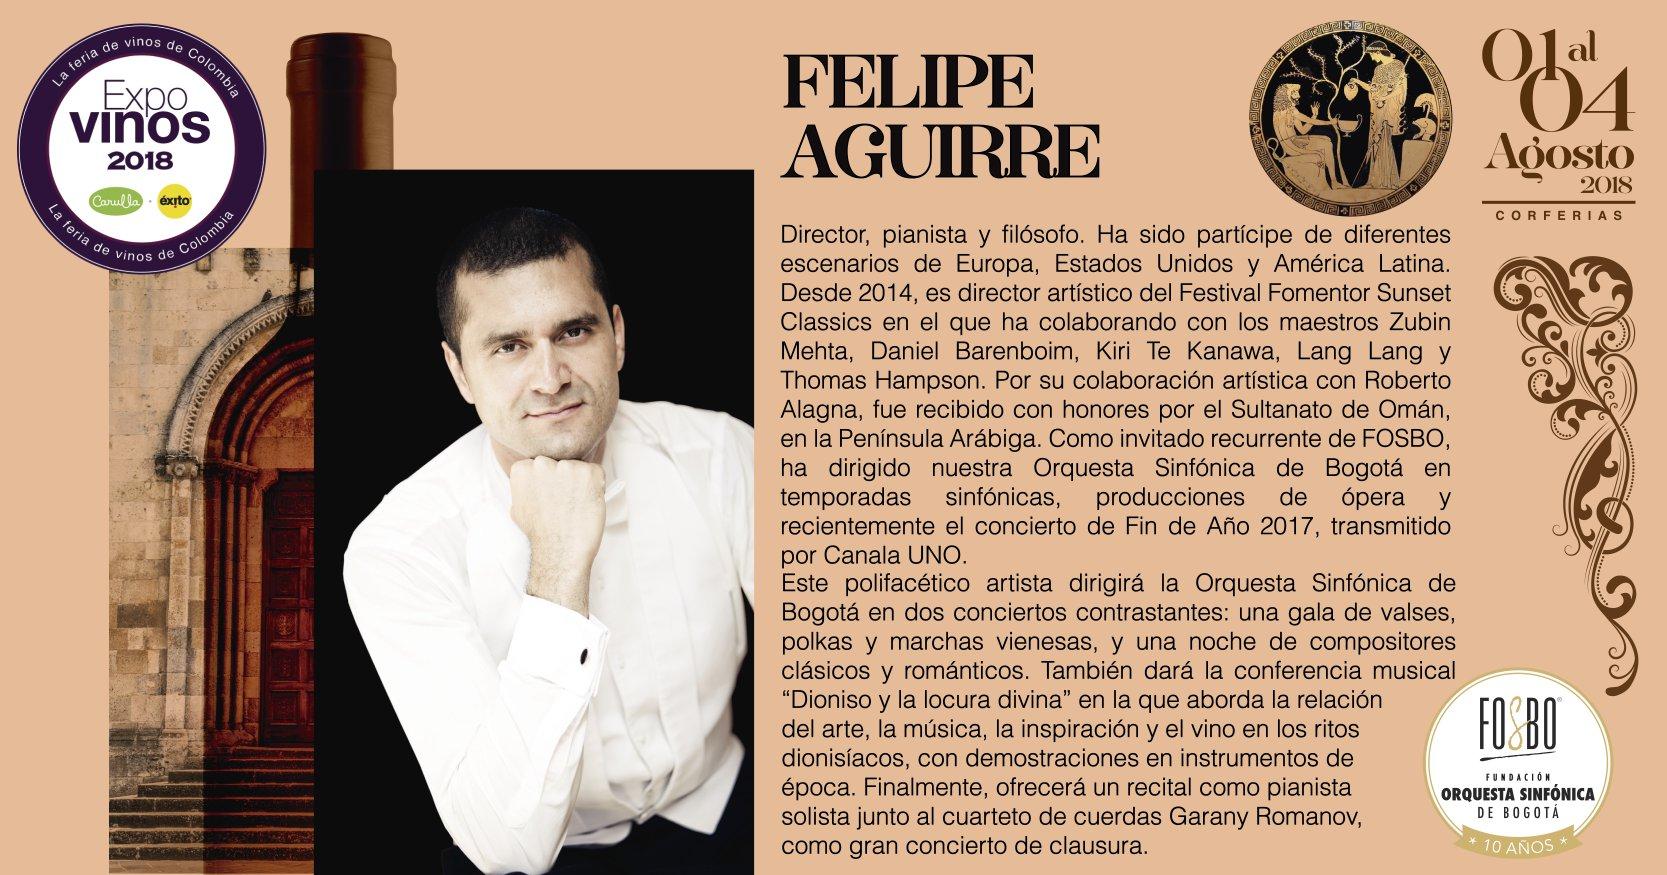 Expovinos 2018 - Felipe Aguirre.jpg